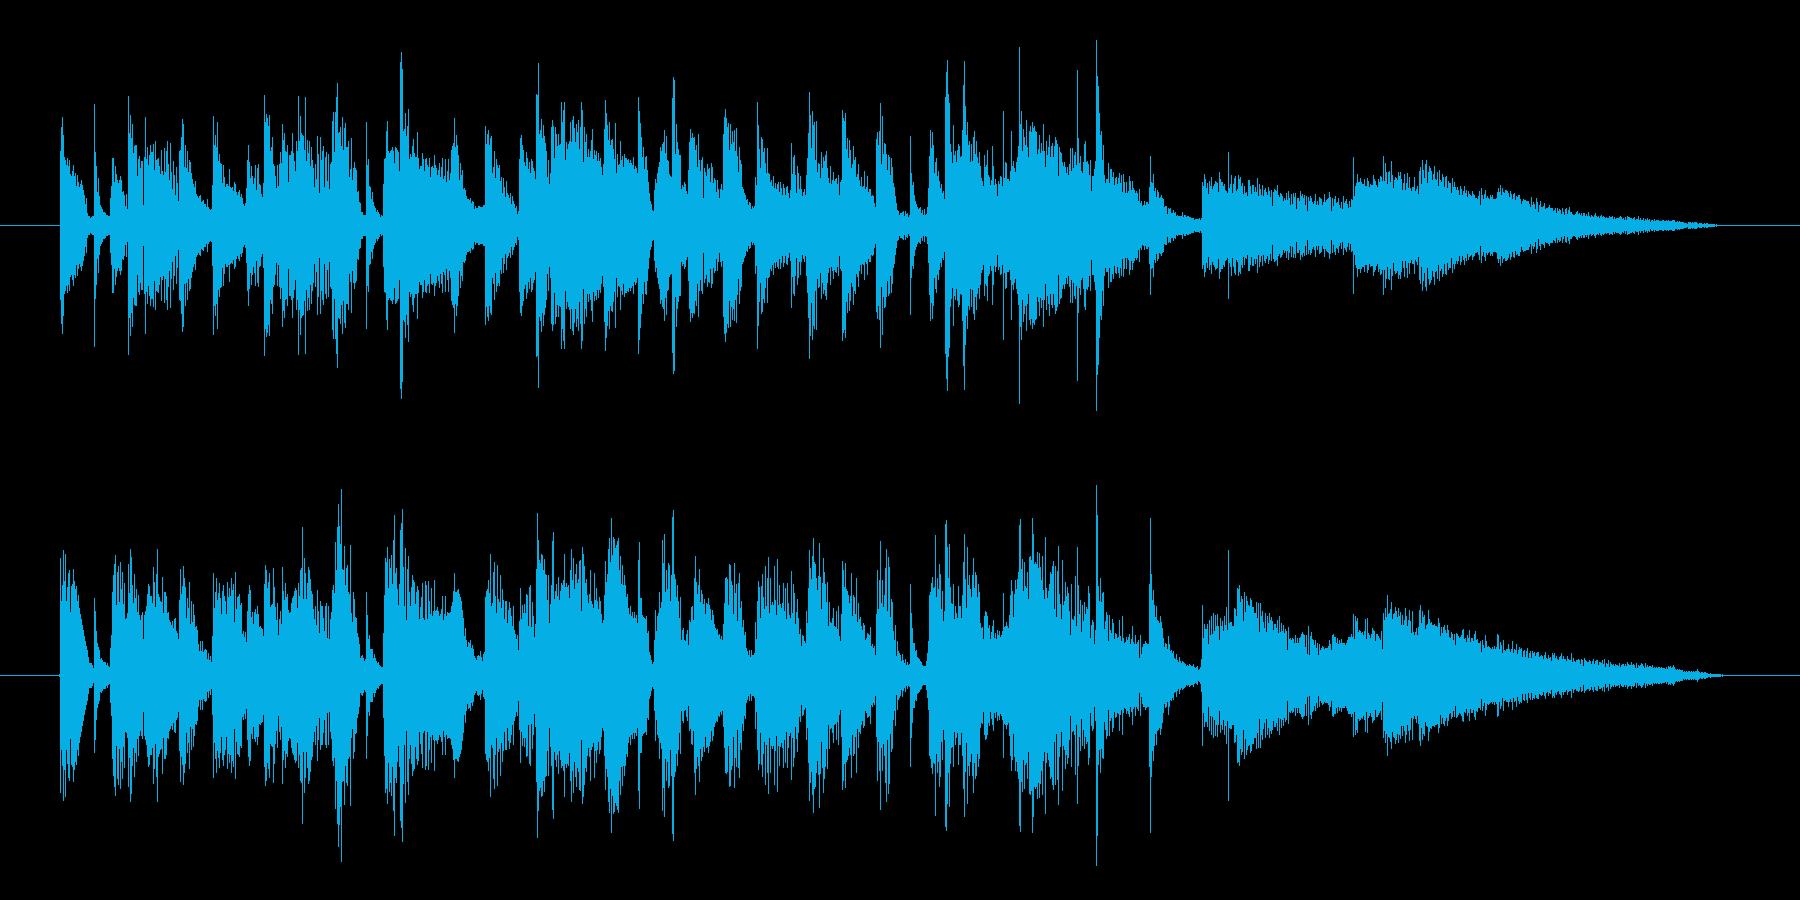 夏の海・リゾートのジャズサンバ・15秒版の再生済みの波形